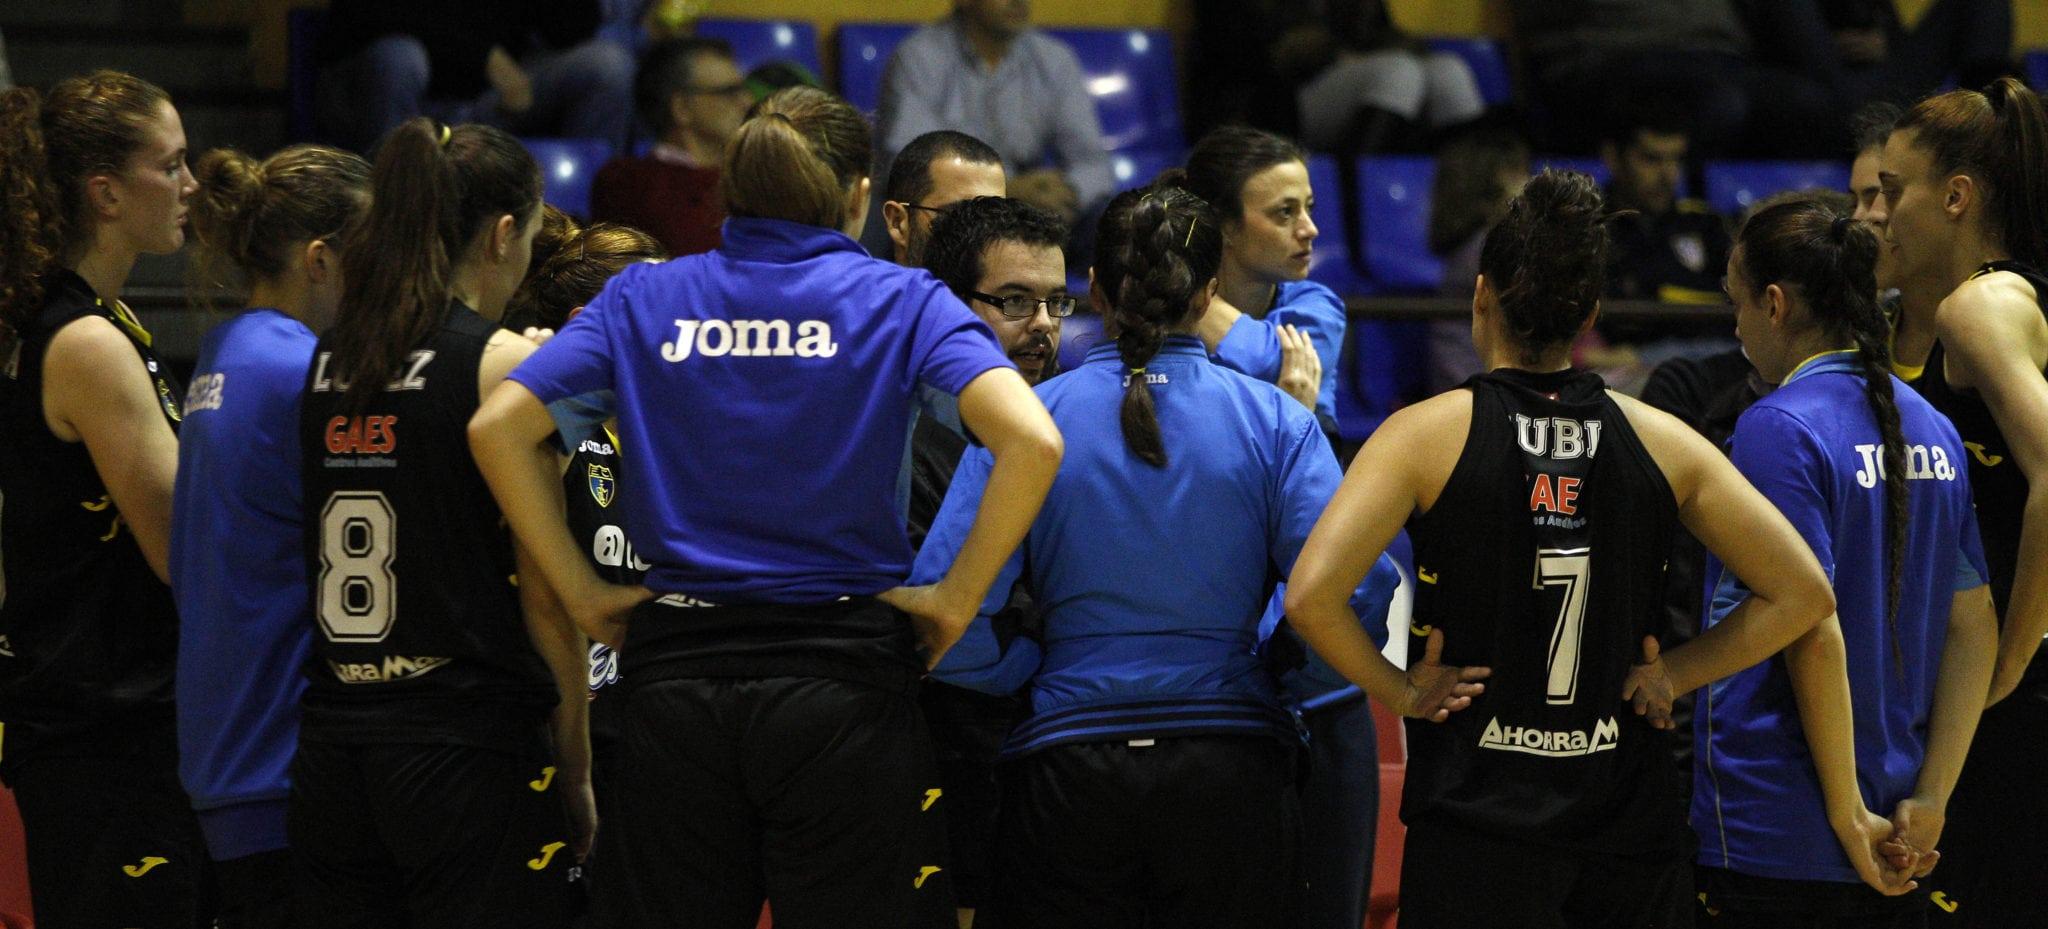 LF2: En busca de la victoria para empezar bien 2015 (sábado 17:30h, Magariños. Entrada libre)